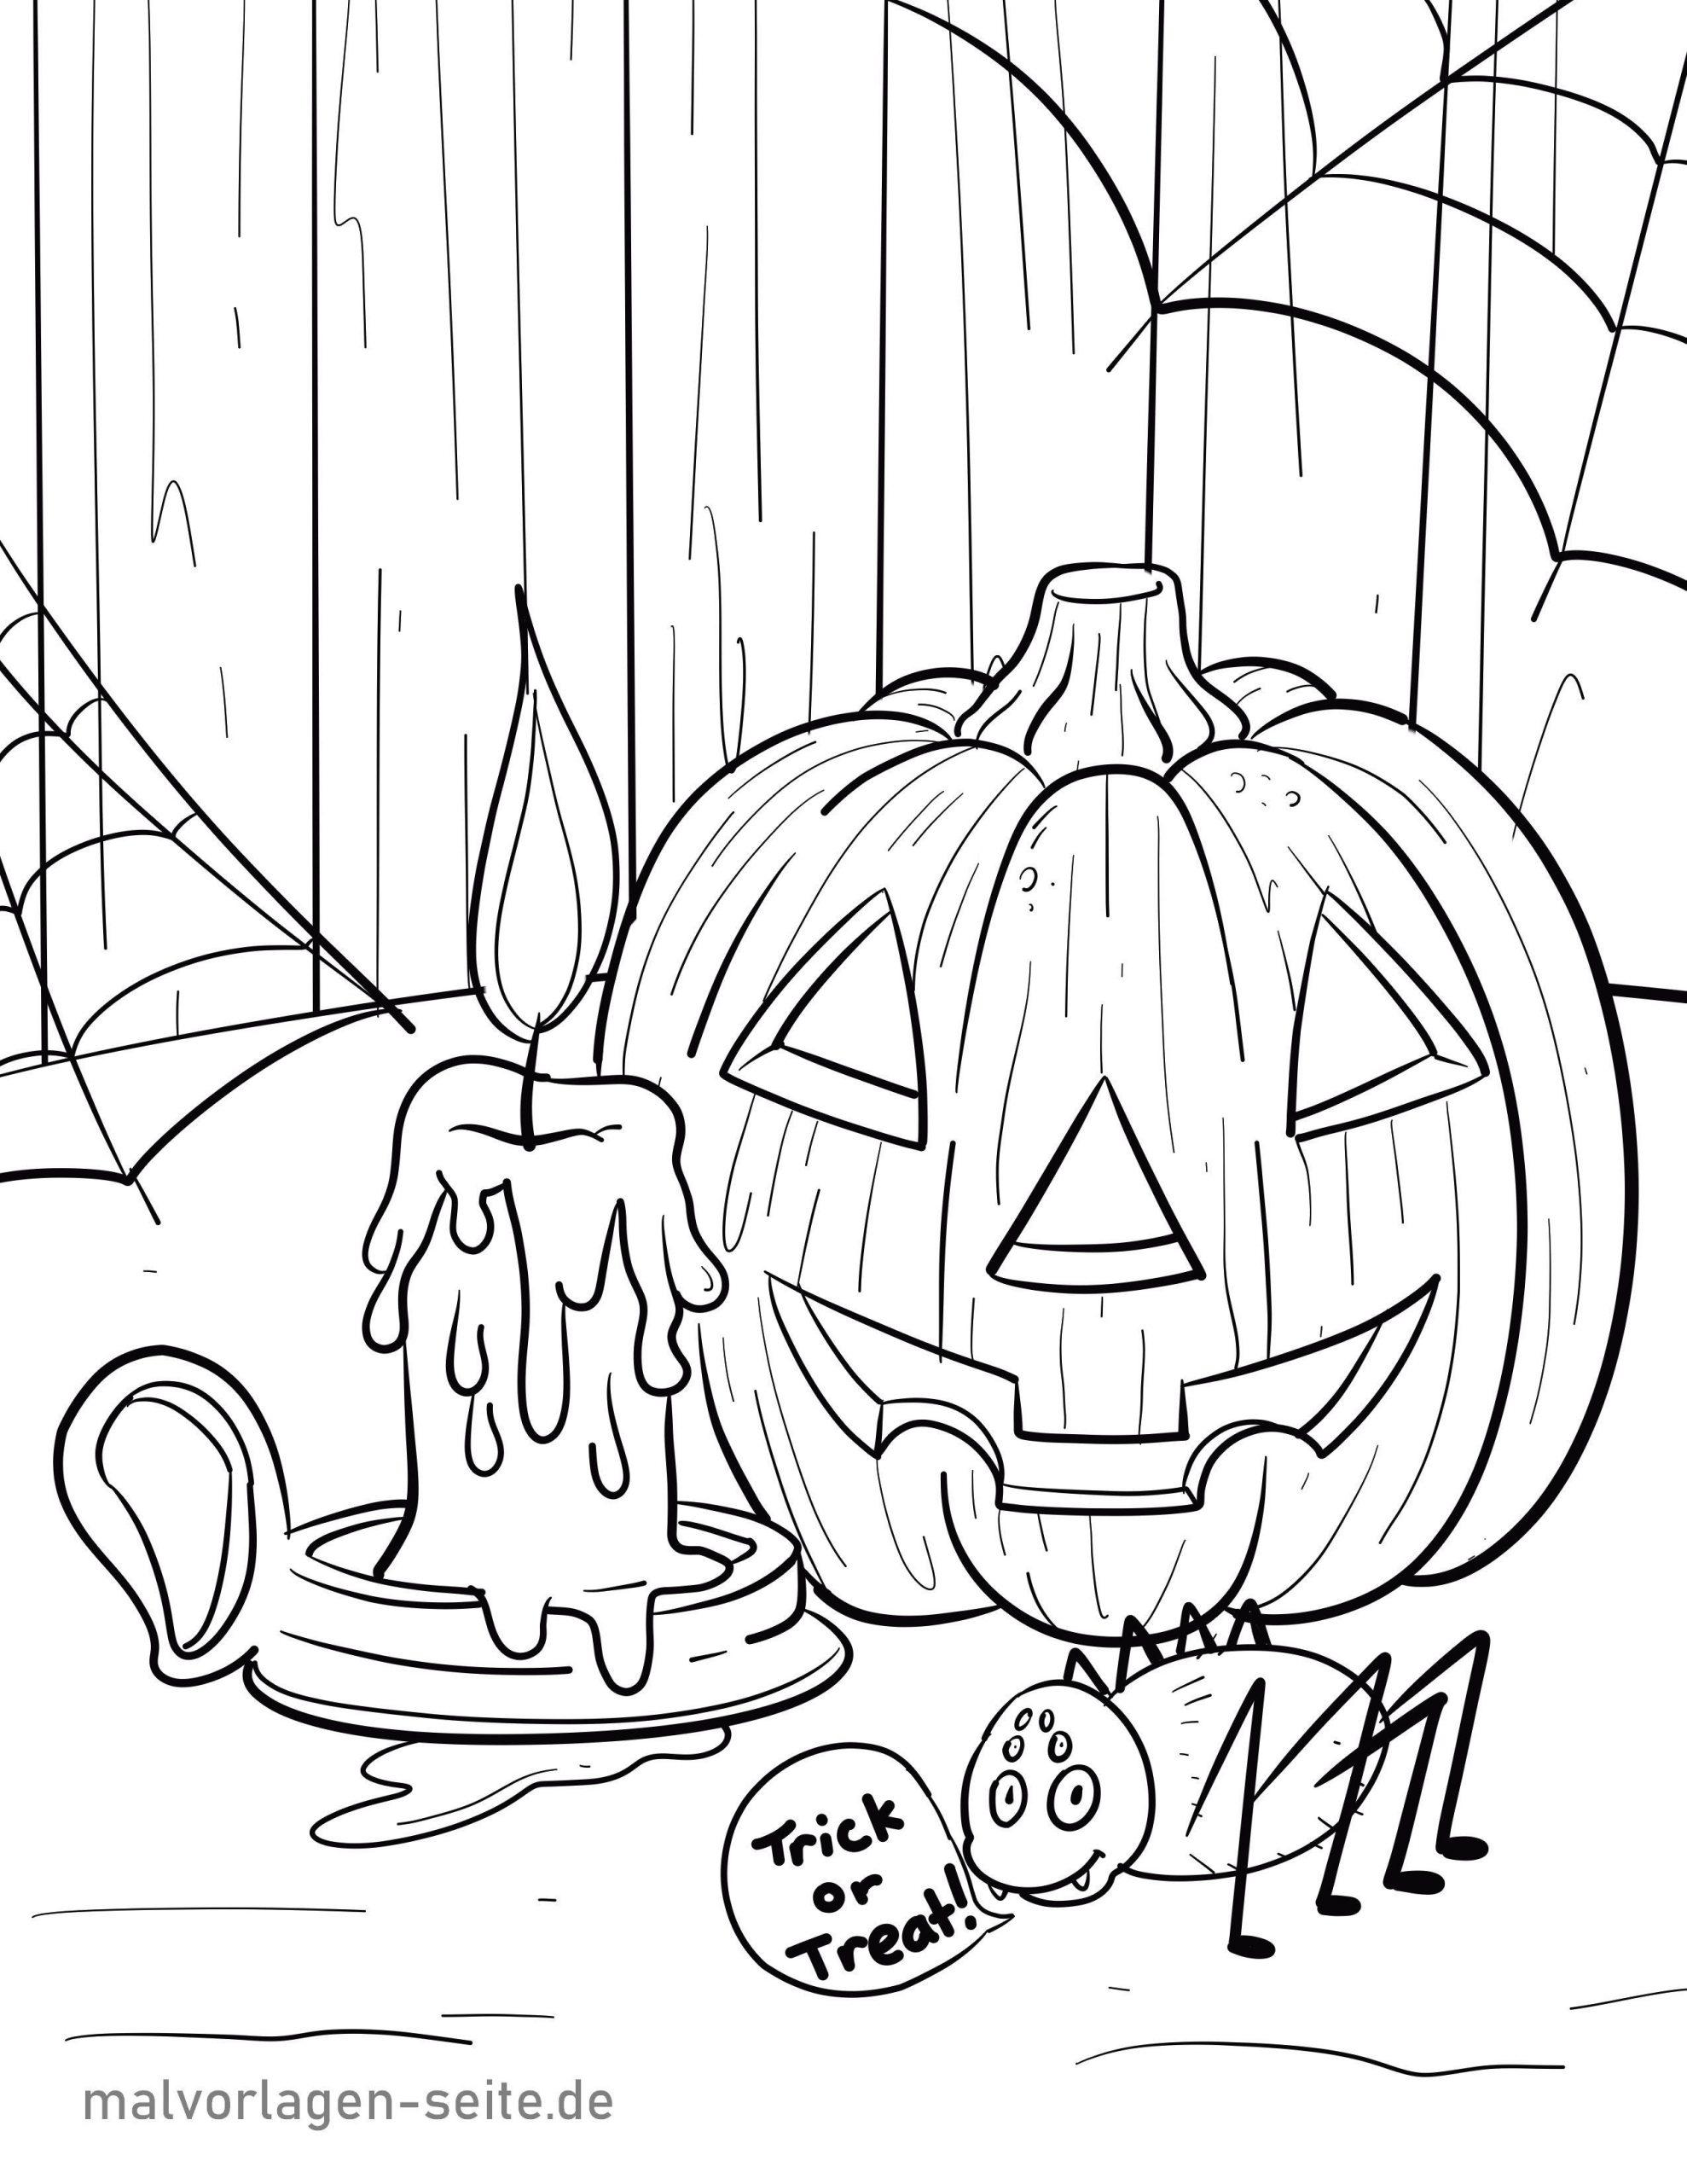 Malvorlage Halloween | Feiertage - Ausmalbilder Kostenlos verwandt mit Ausmalbilder Halloween Kostenlos